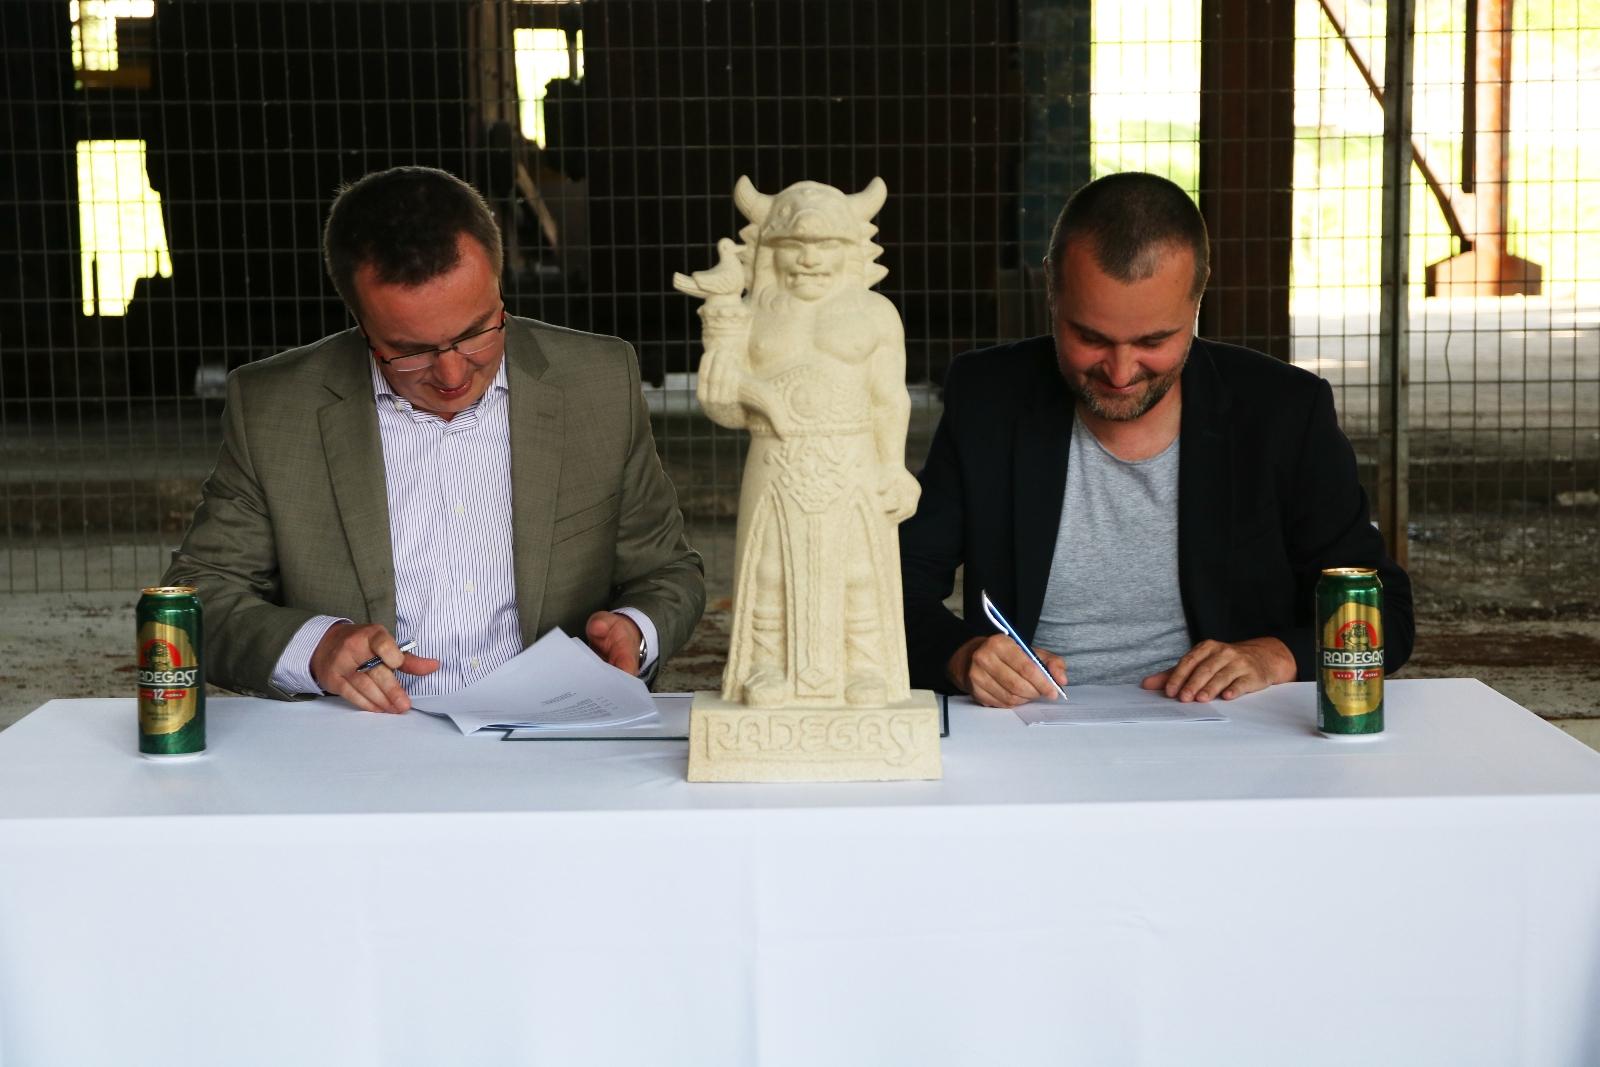 Radegast a Dolní oblast Vítkovice stvrdili partnerství na další roky